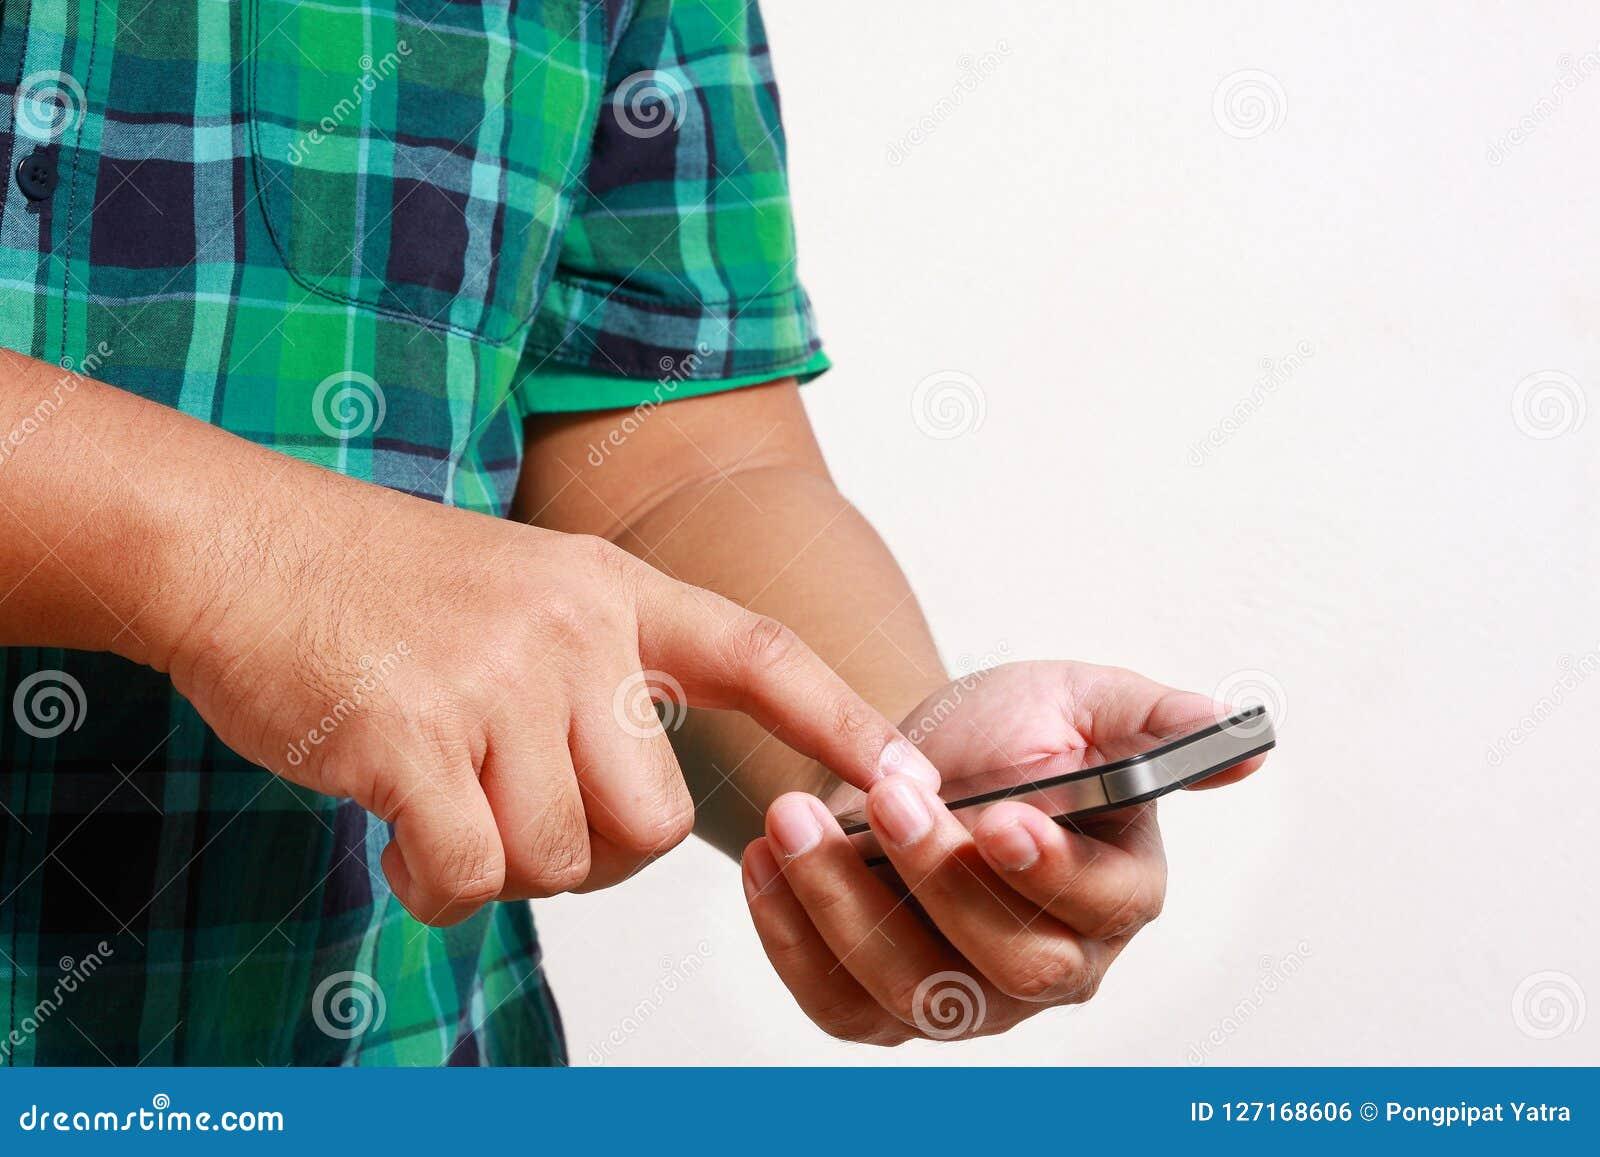 Presse de type le téléphone pour entrer en contact avec le contexte blanc